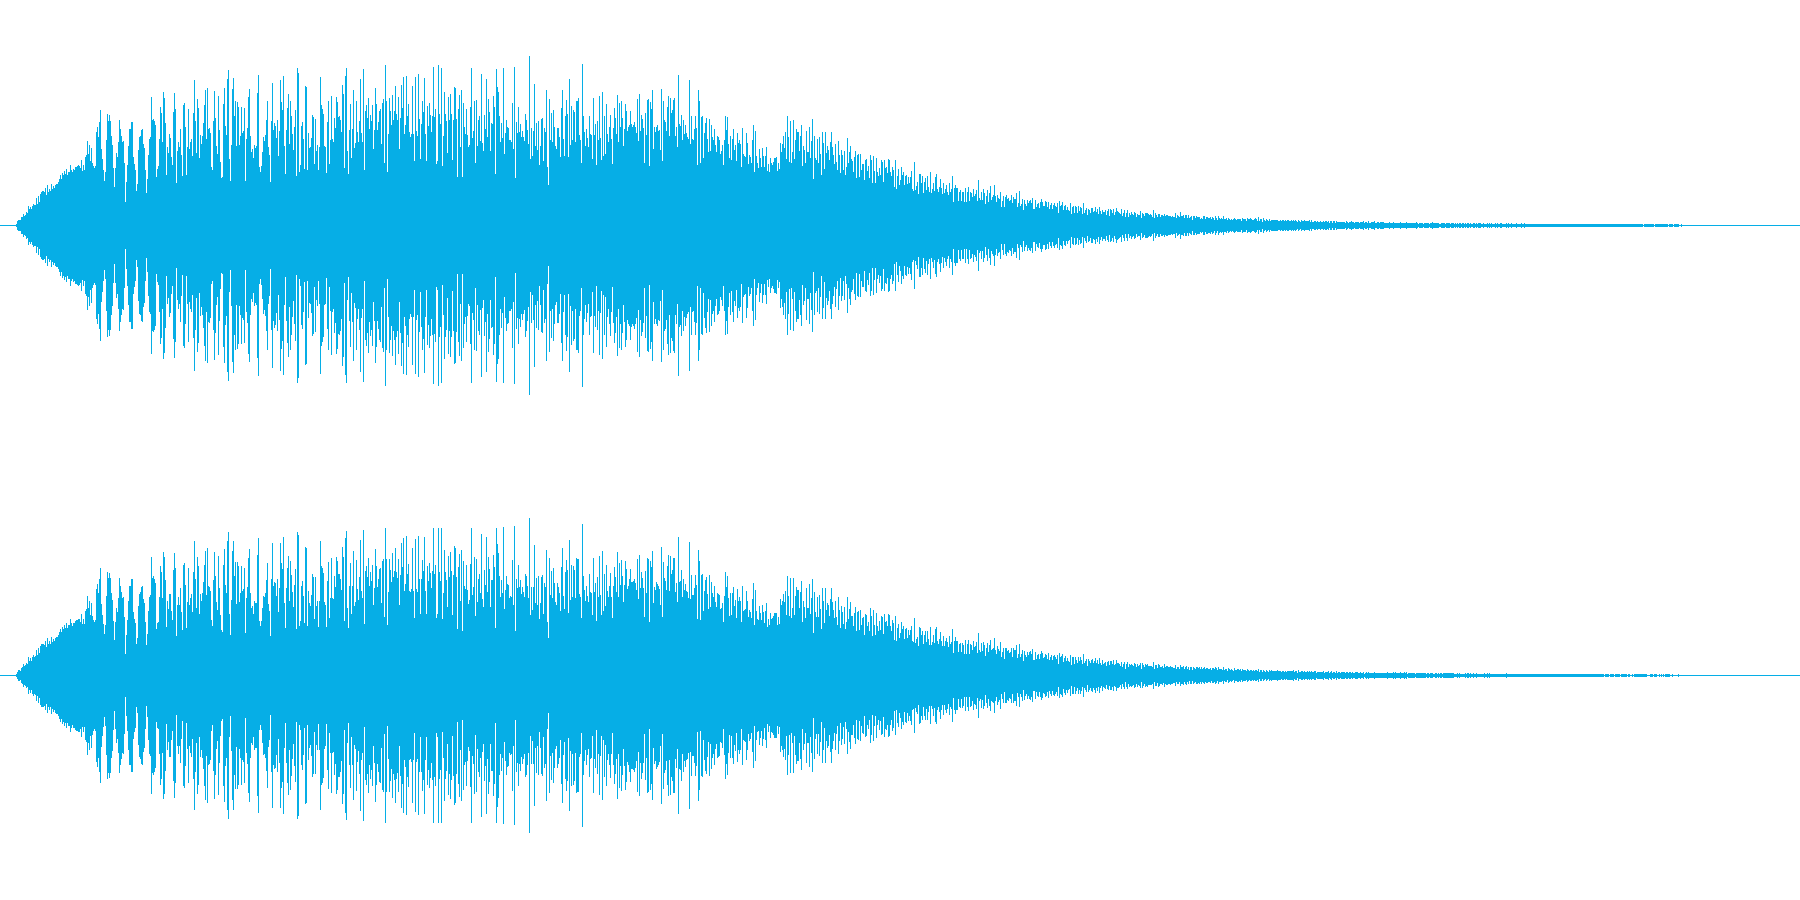 キラキラ(綺麗な上昇音)の再生済みの波形